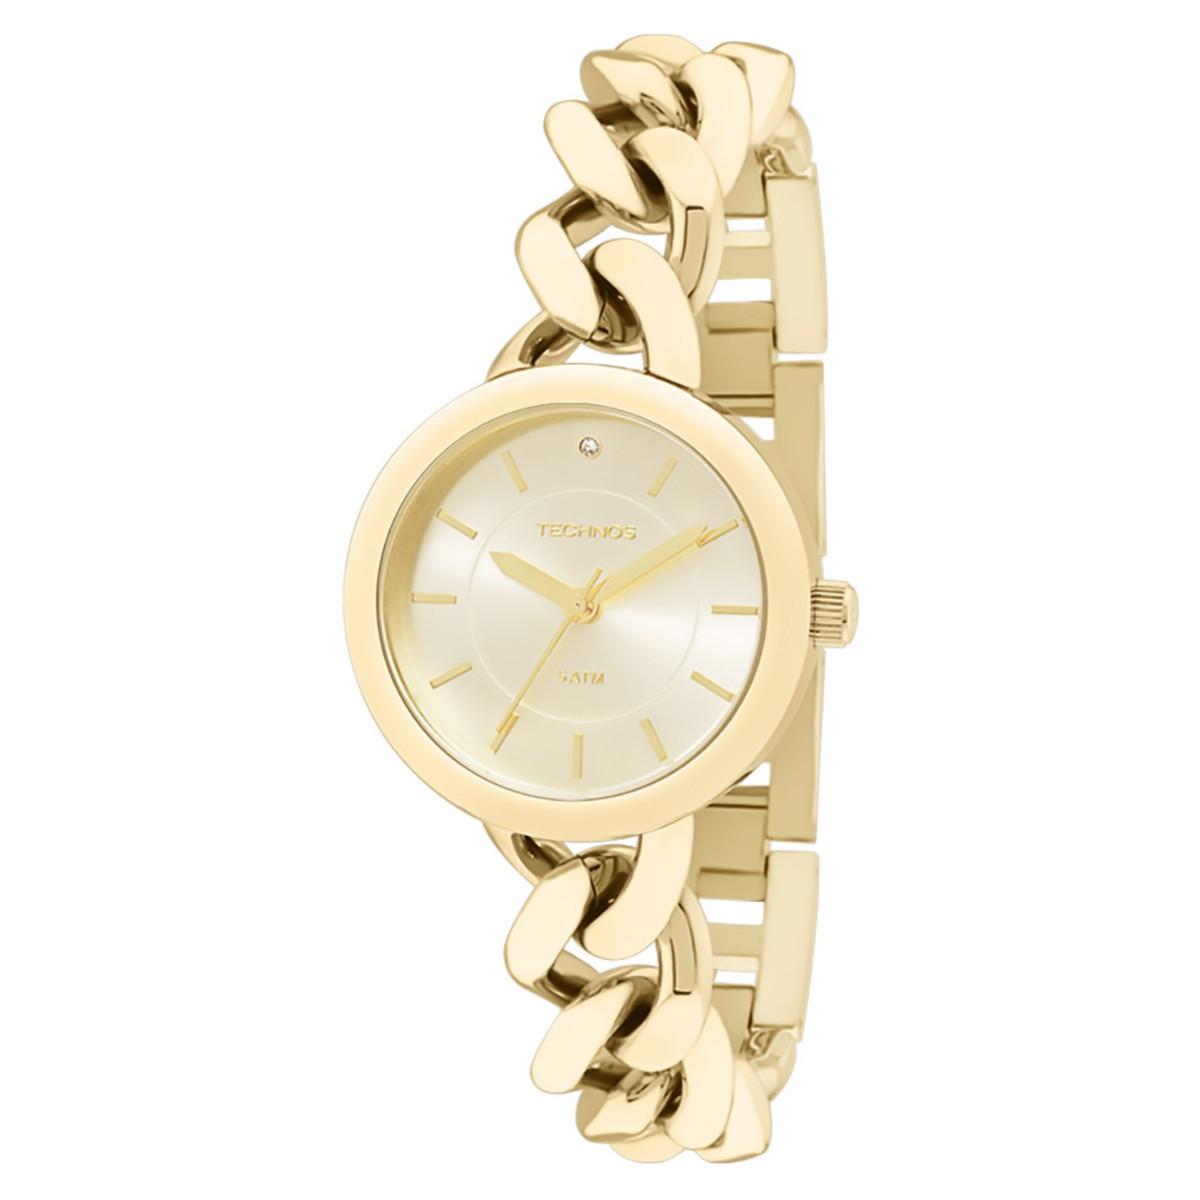 Compre Relógio Technos Elegance em 10X   Tri-Jóia Shop 117bc0cb95